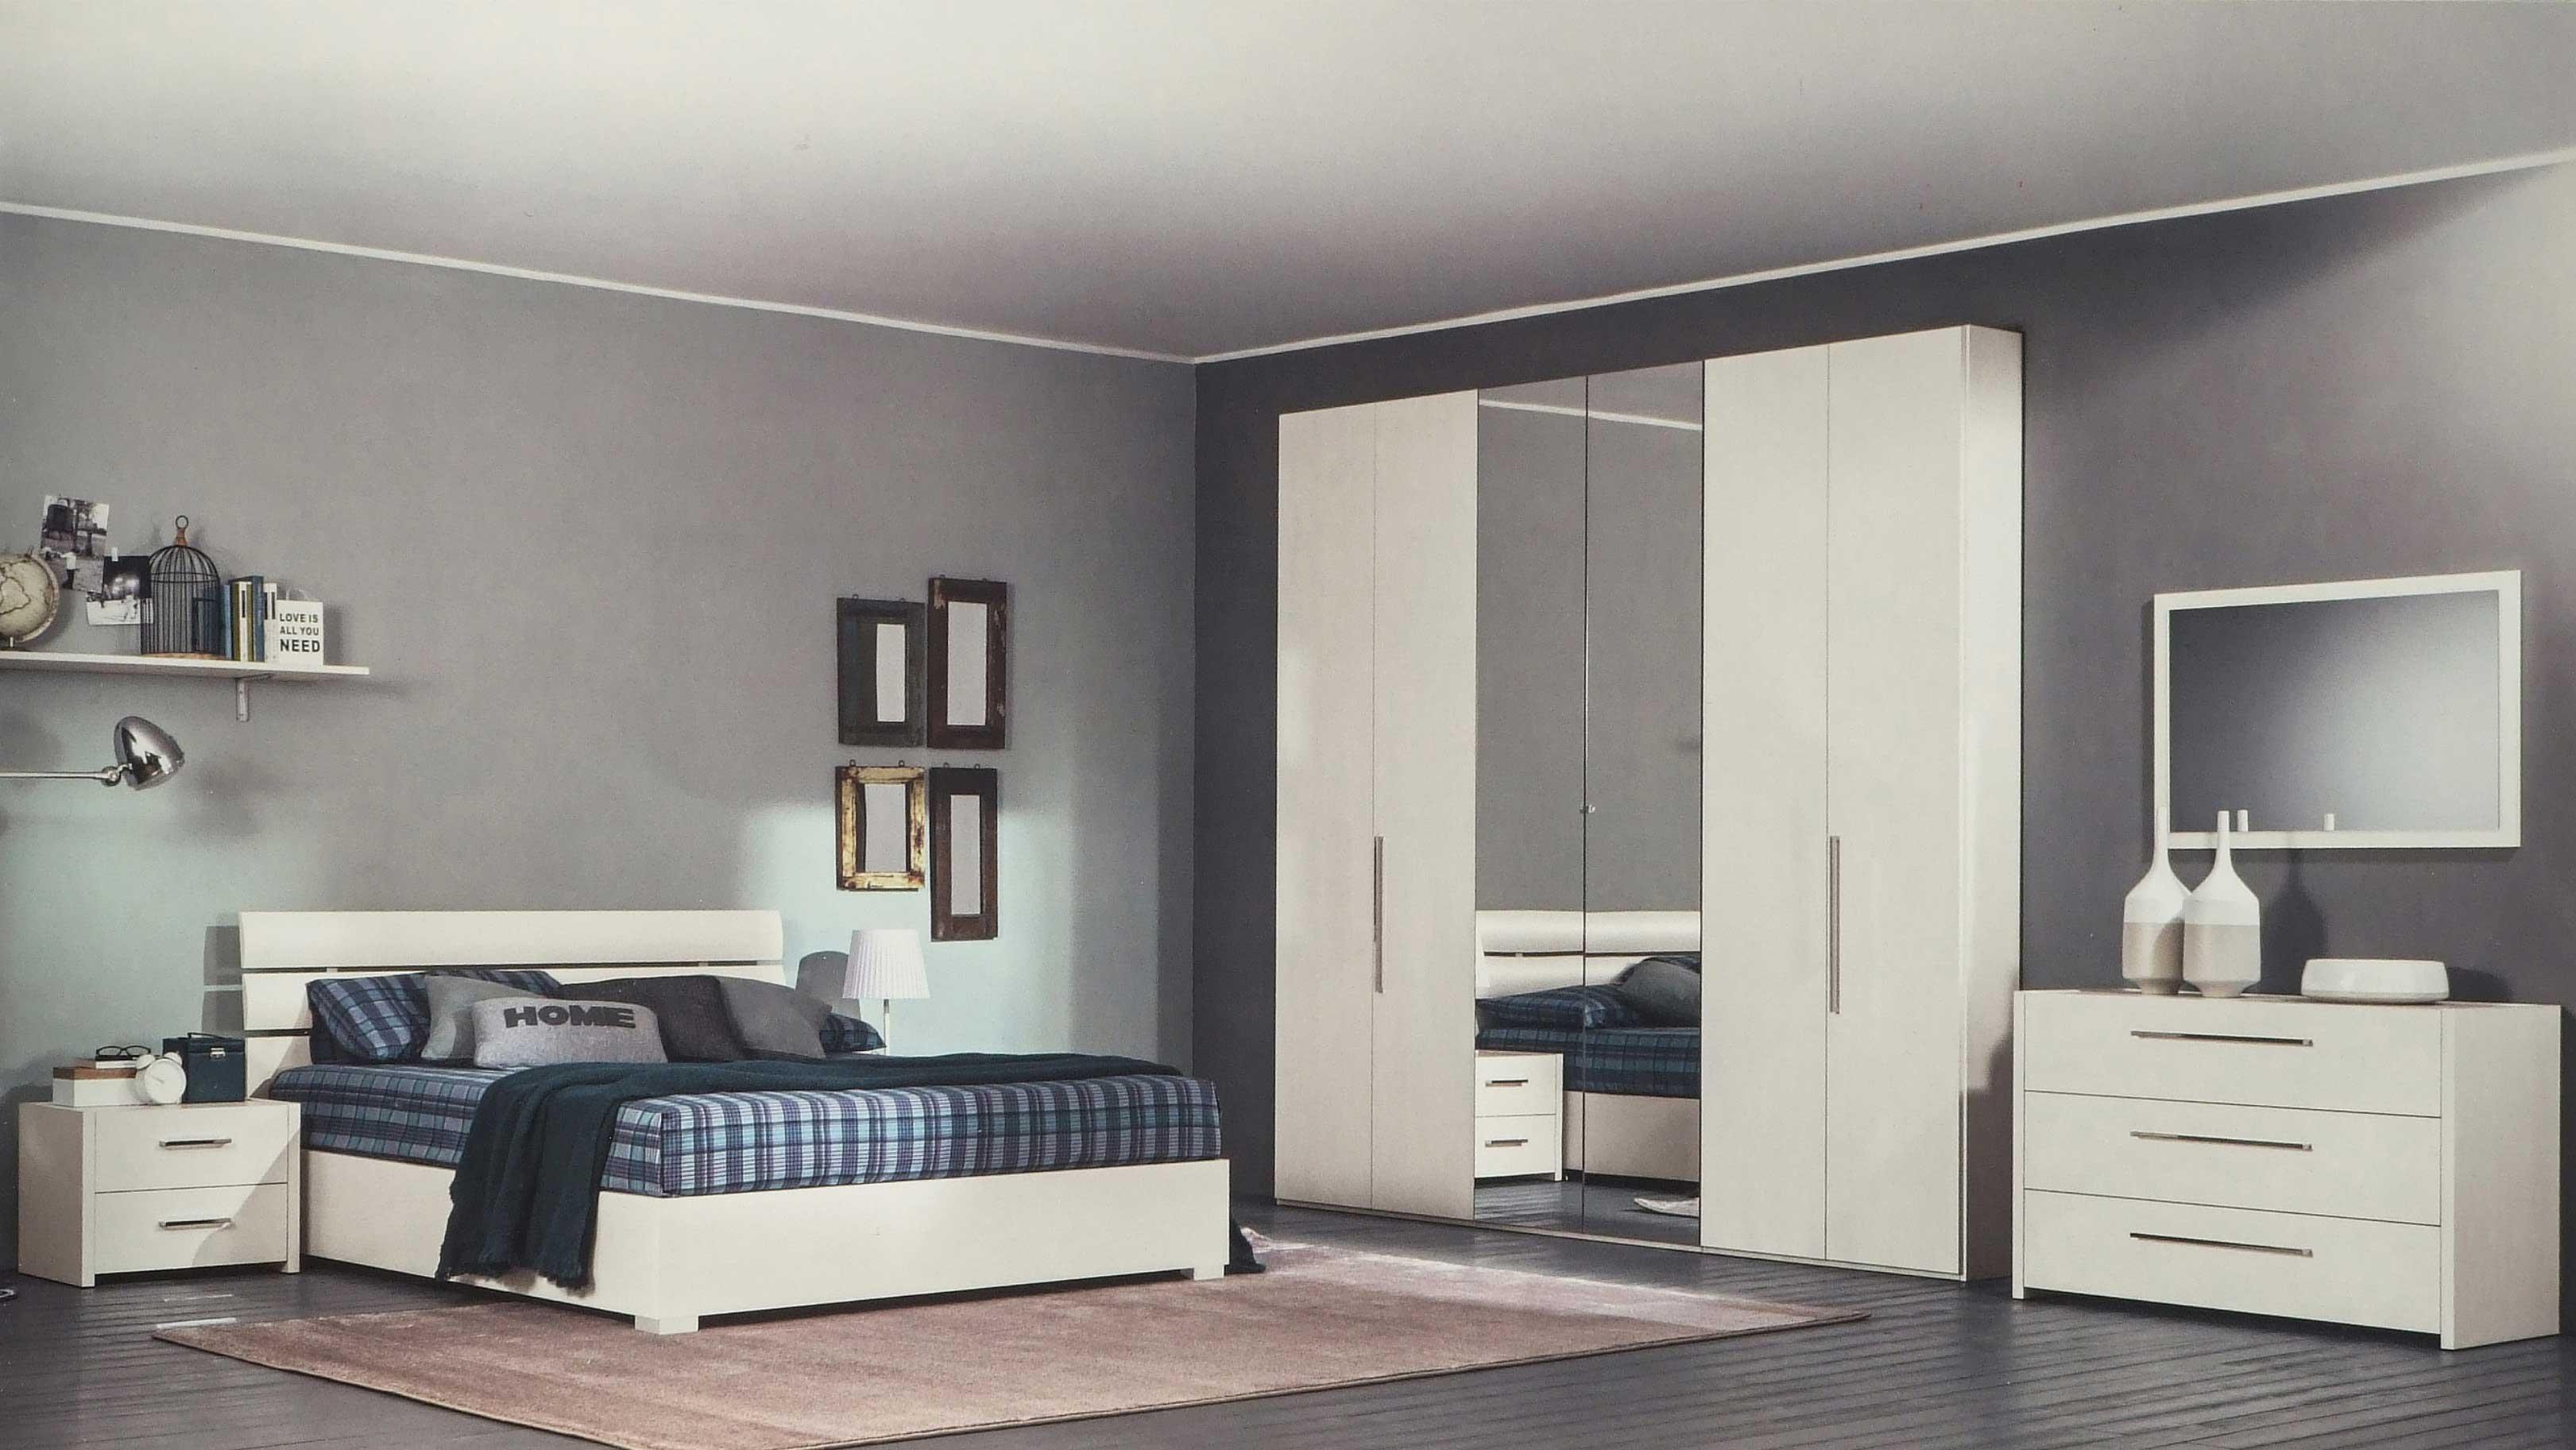 Specchi da camera moderni fabulous specchi design with specchi da camera moderni affordable - Comodini specchio ikea ...